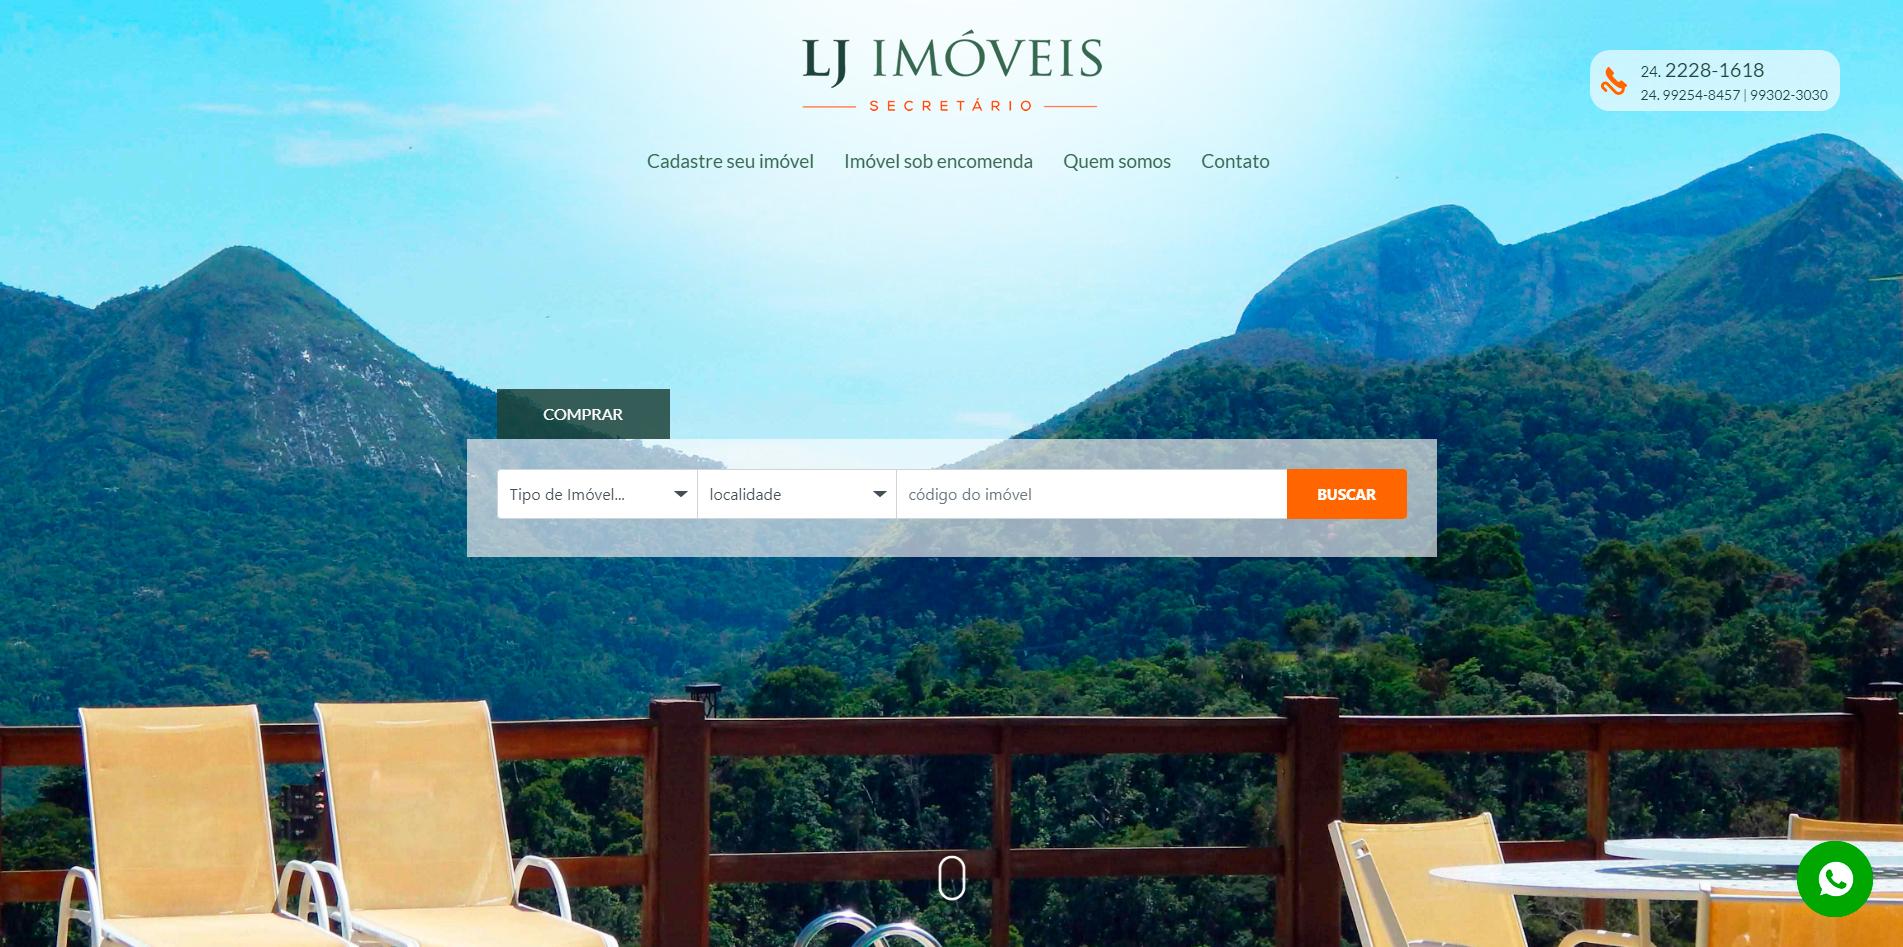 LJ Imoveis